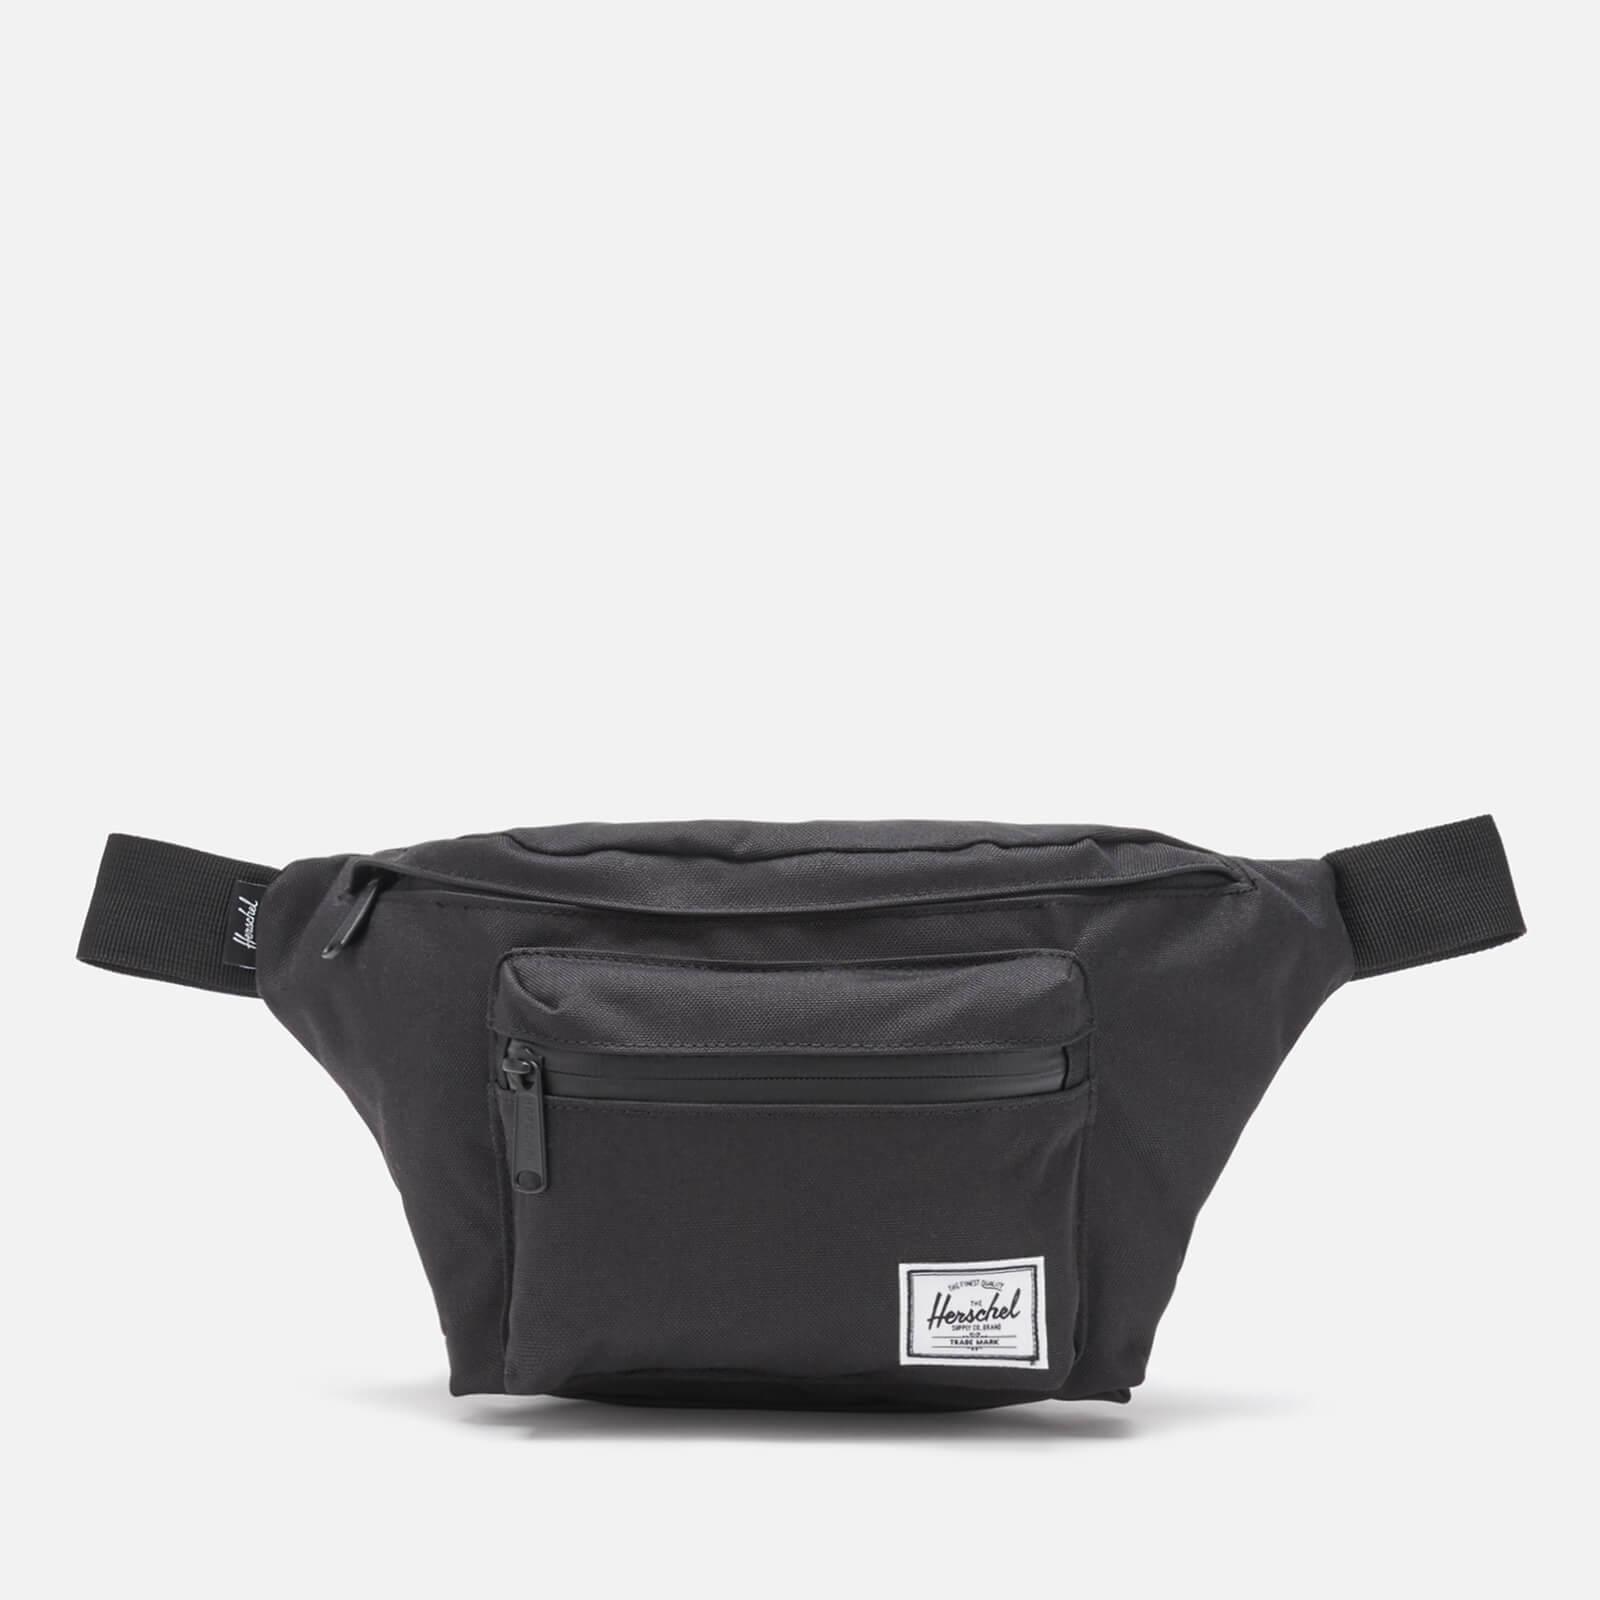 Herschel Supply Co. Seventeen Cross Body Bag - Black/Black